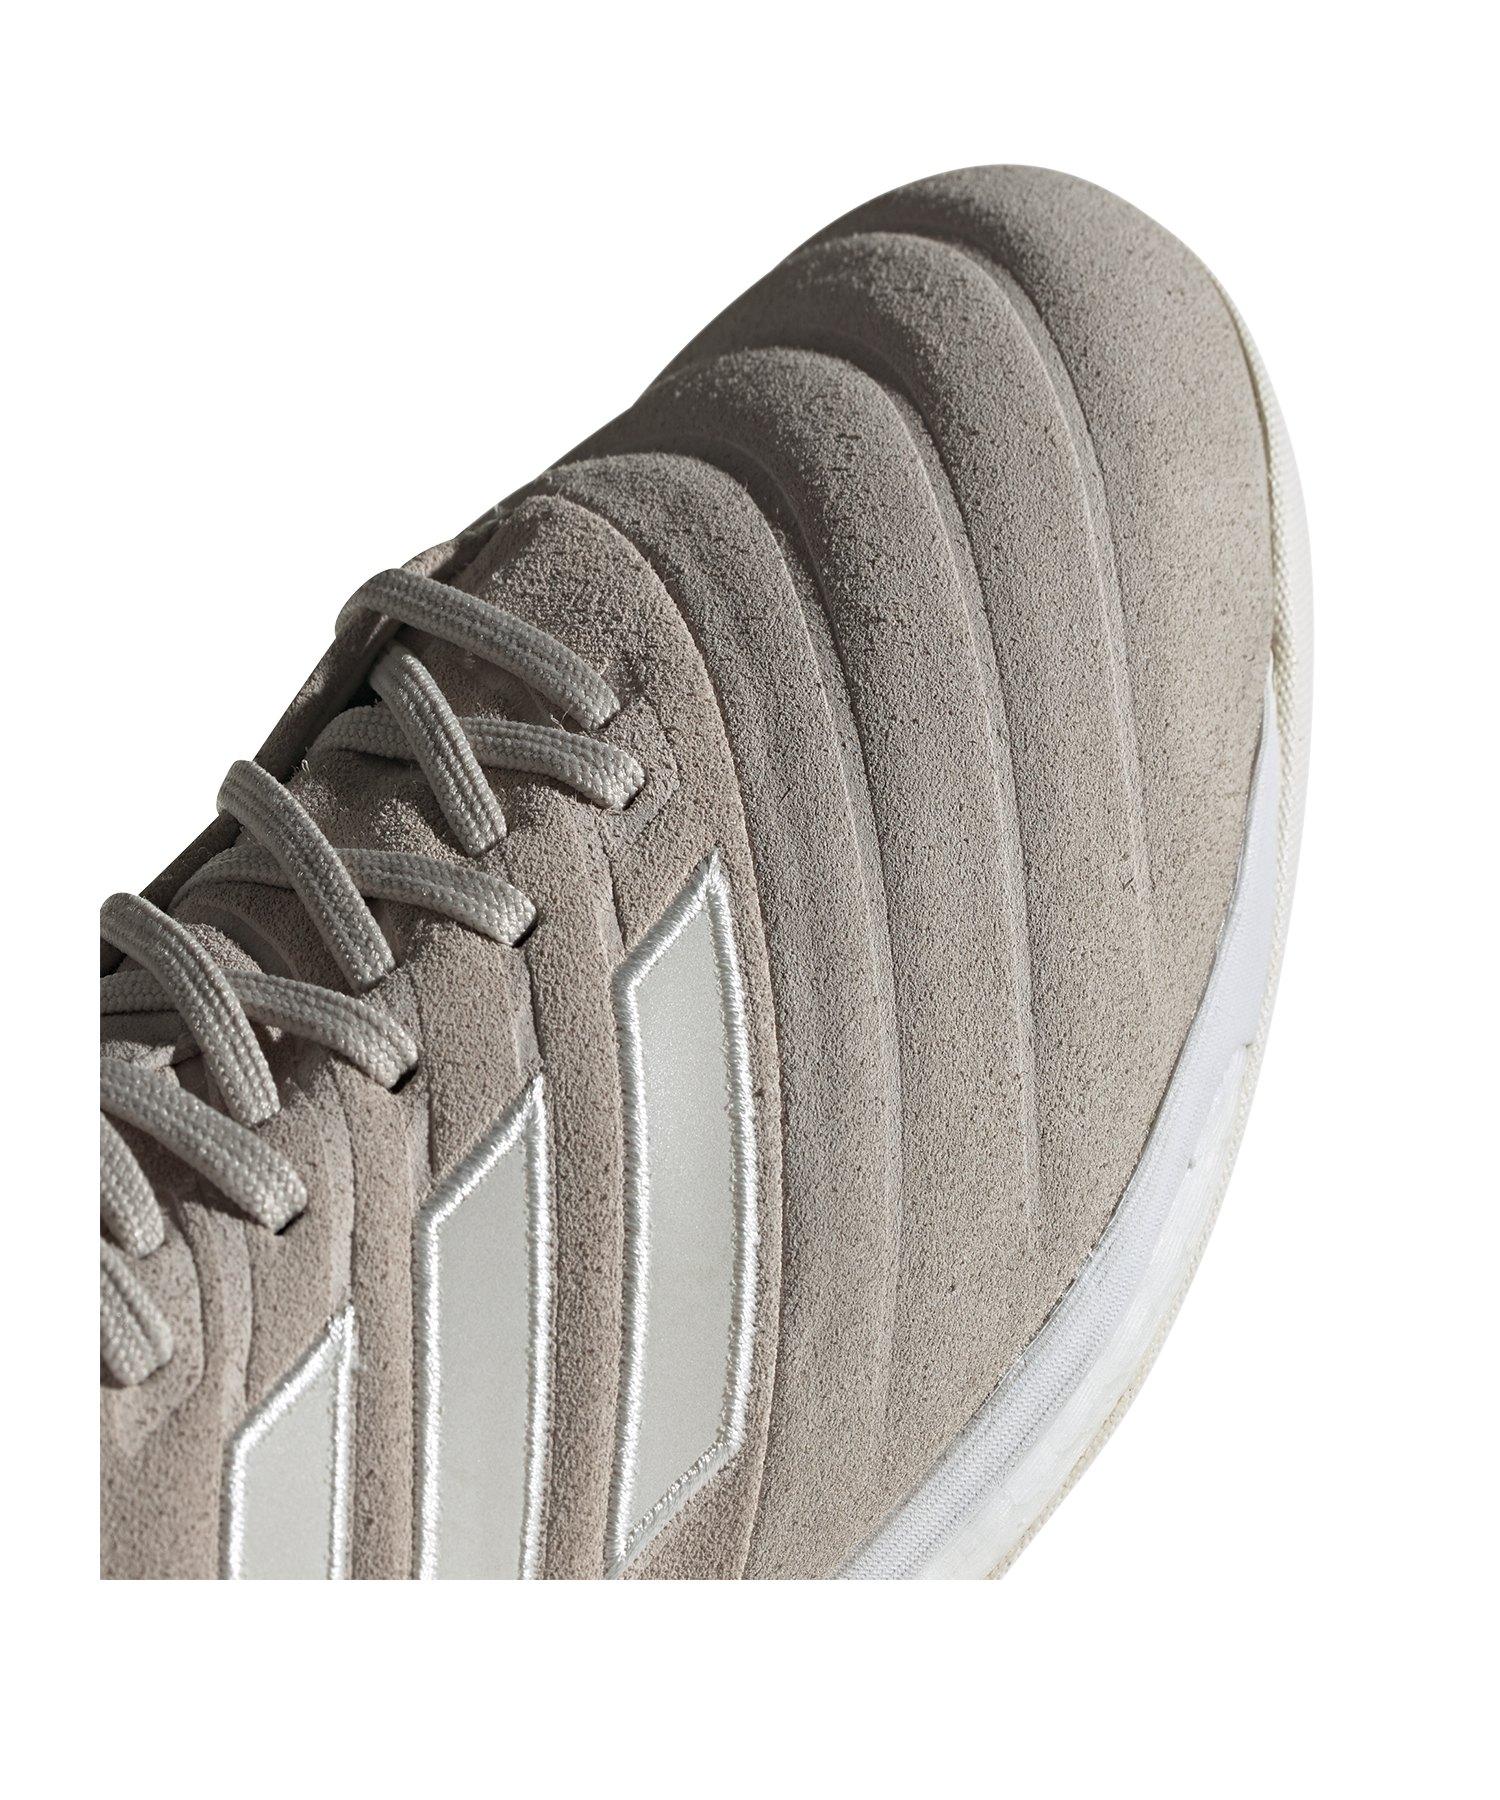 Football Schuhe adidas copa 19+ tr f36962